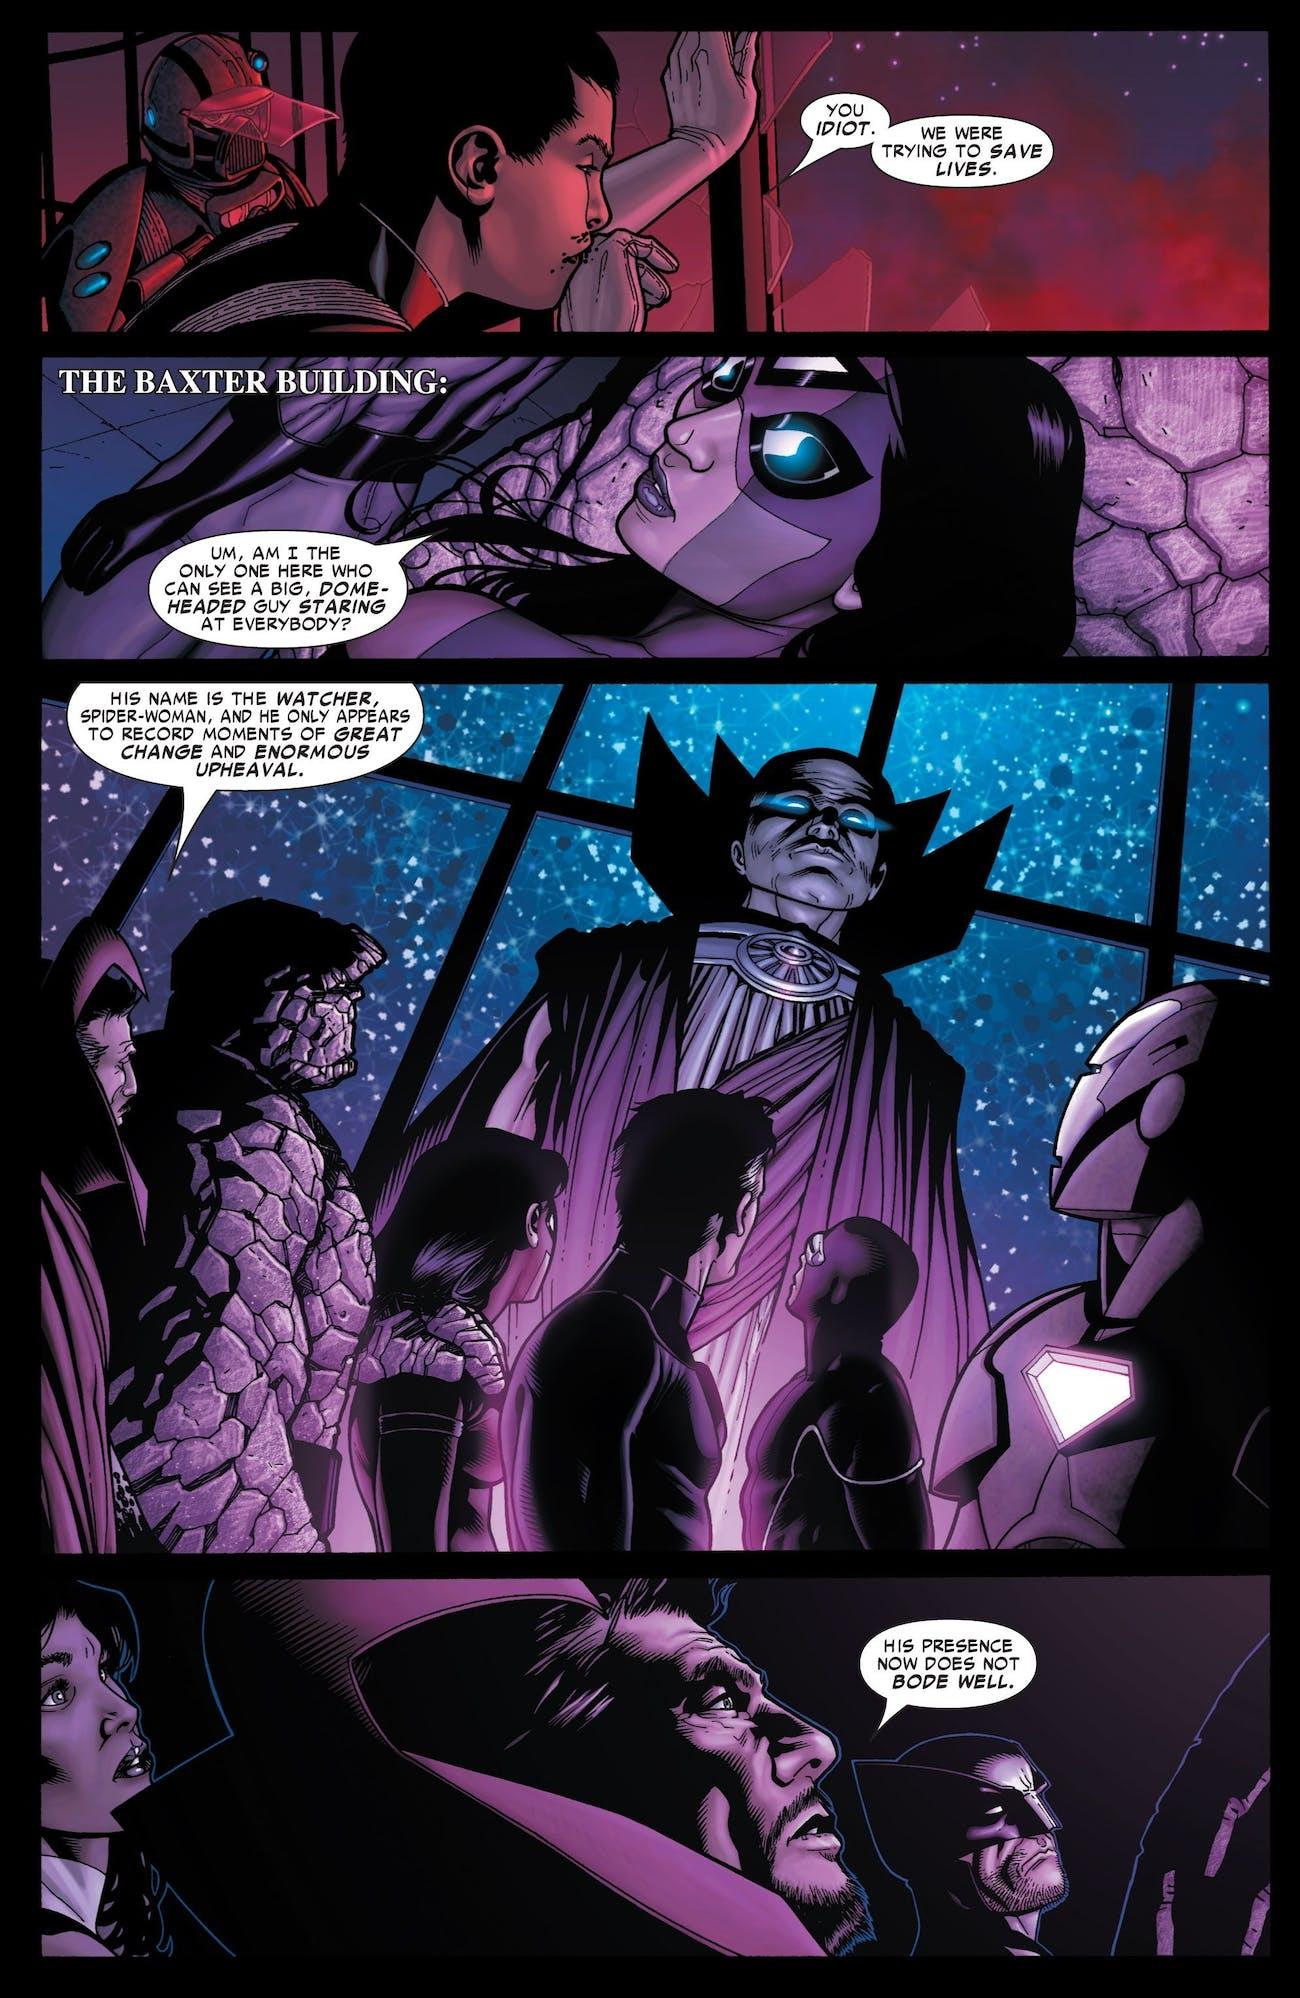 Uatu the Watcher Stan Lee